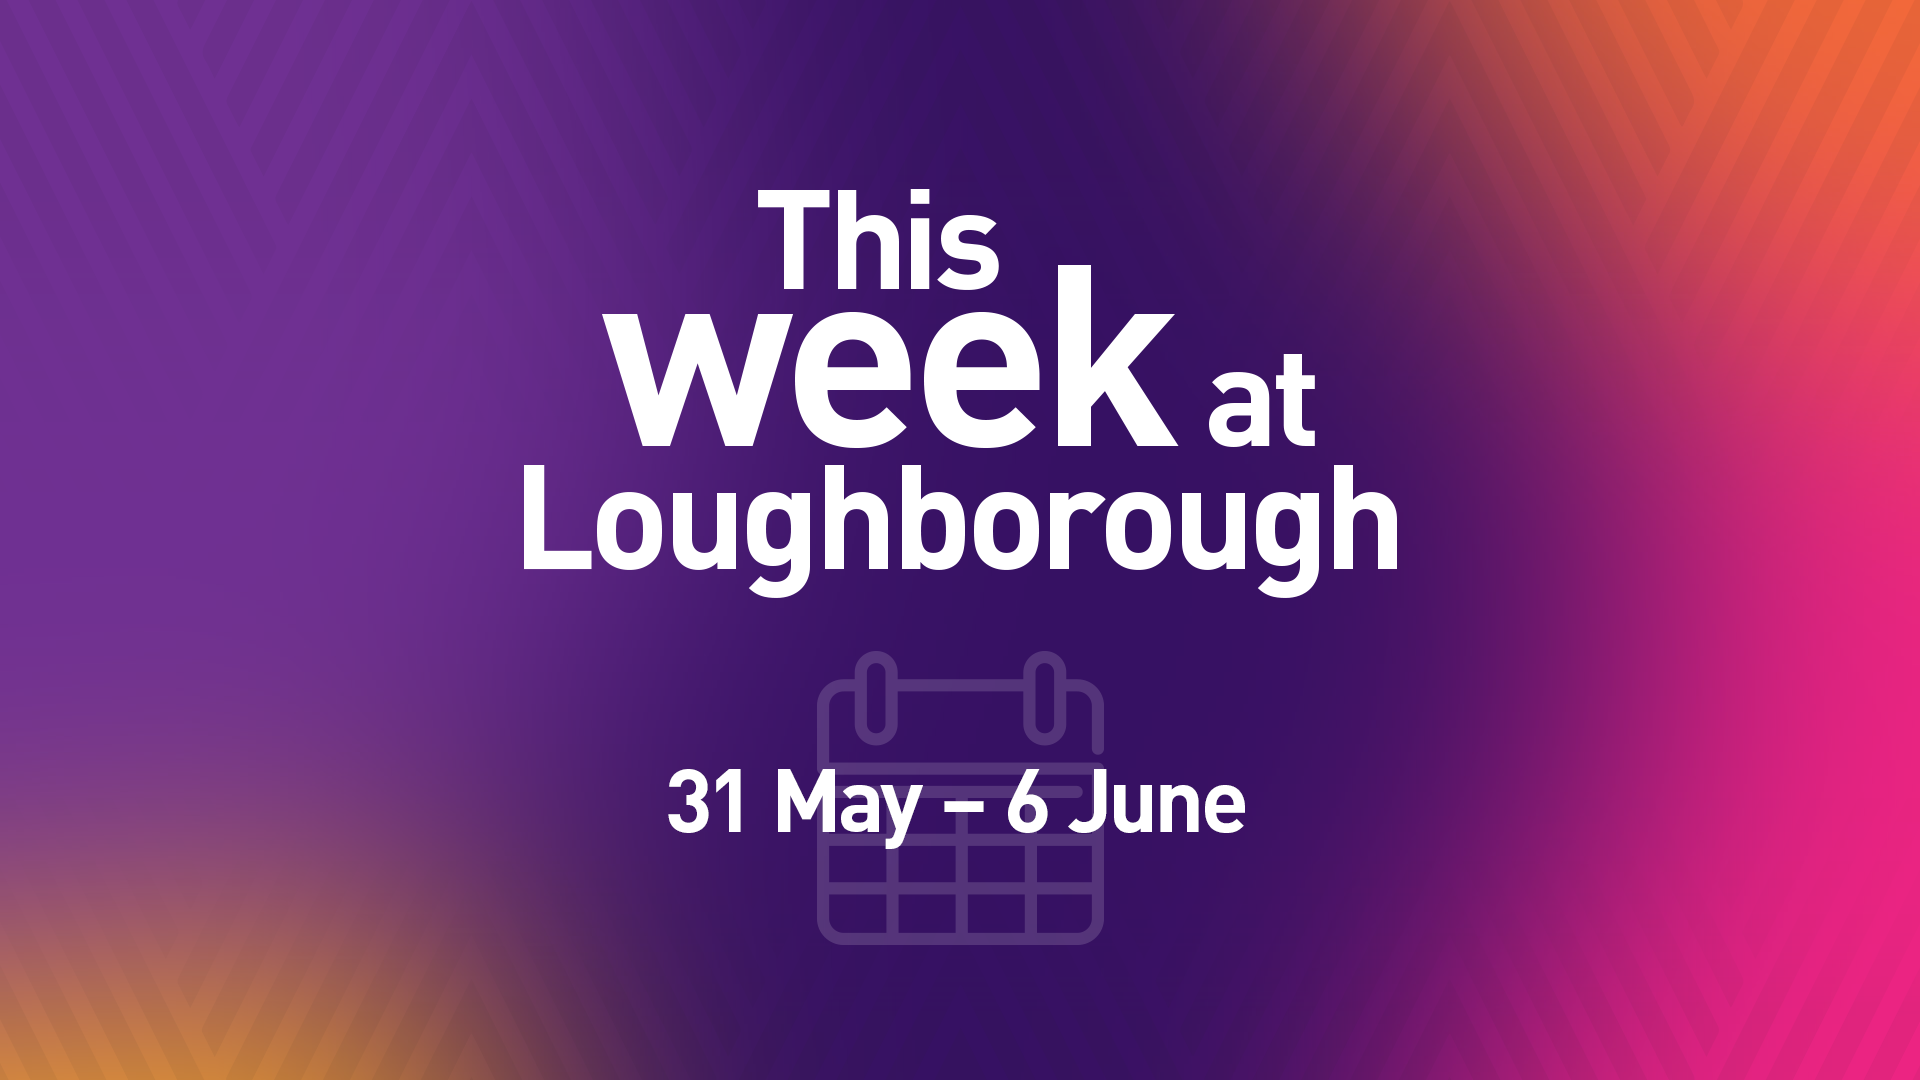 This Week at Loughborough | 31 May